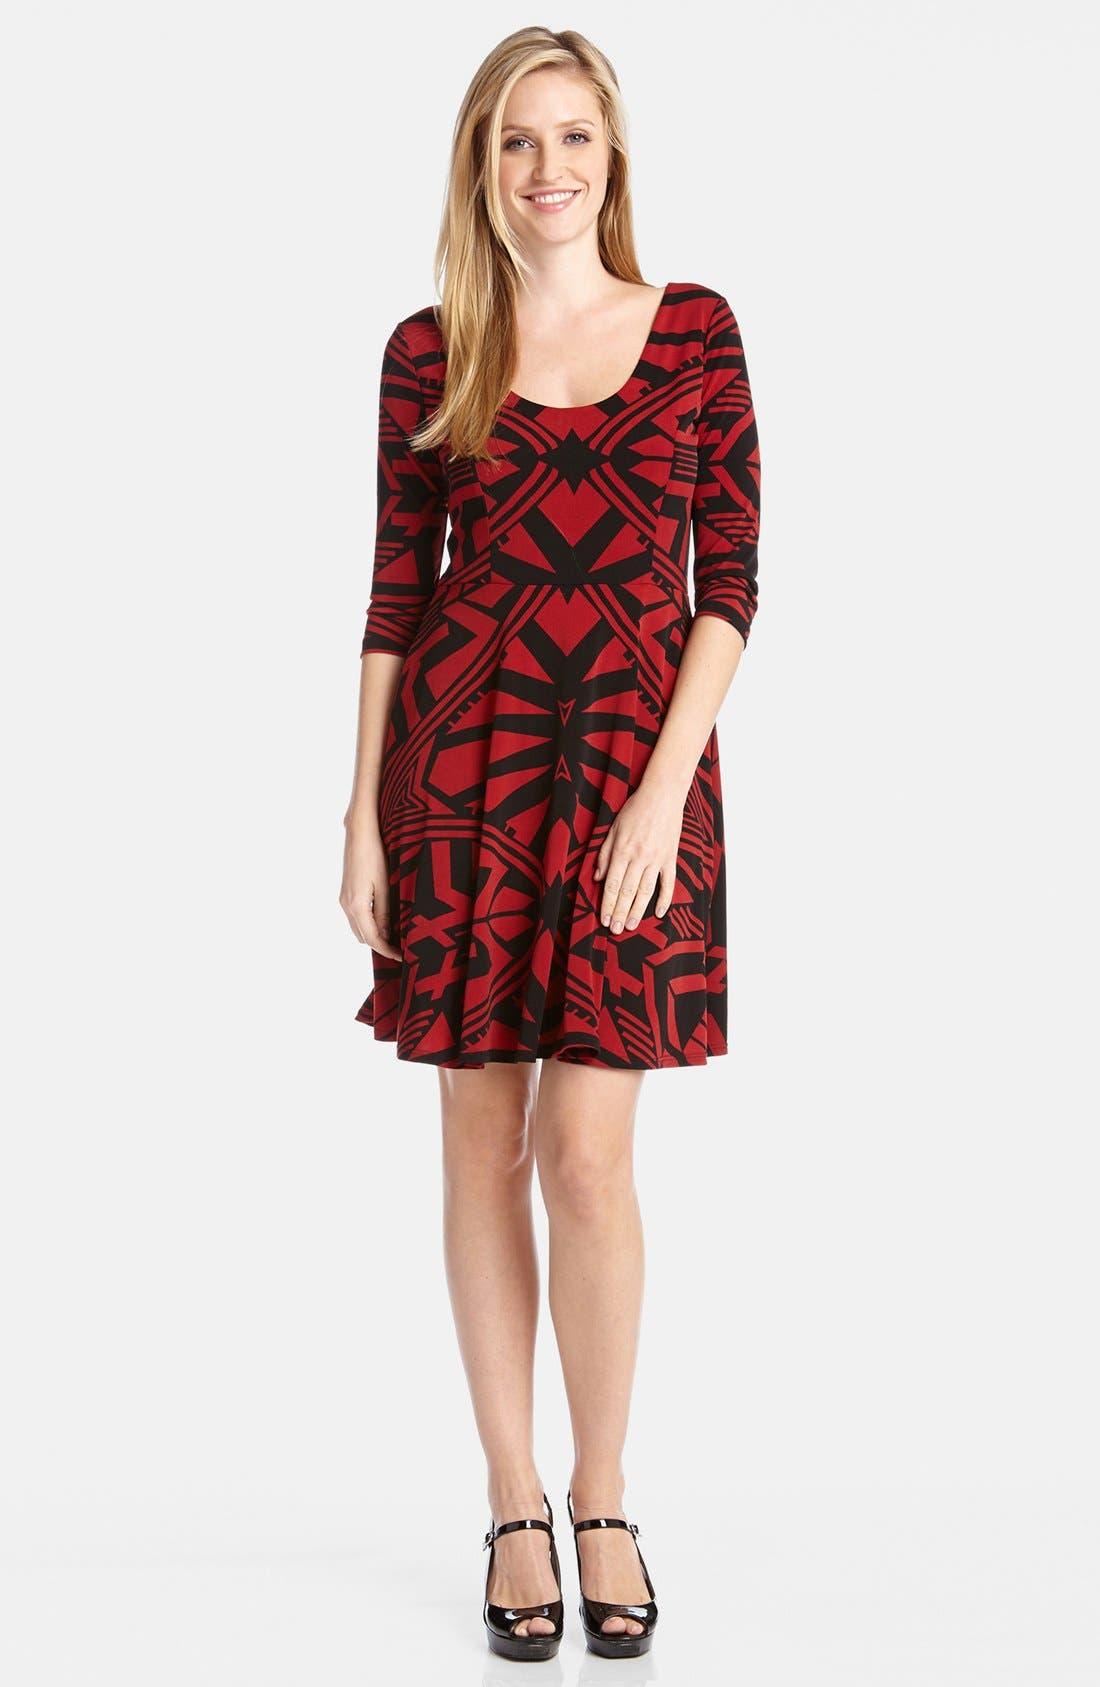 Main Image - Karen Kane 'Infrared Graphic' Fit & Flare Dress